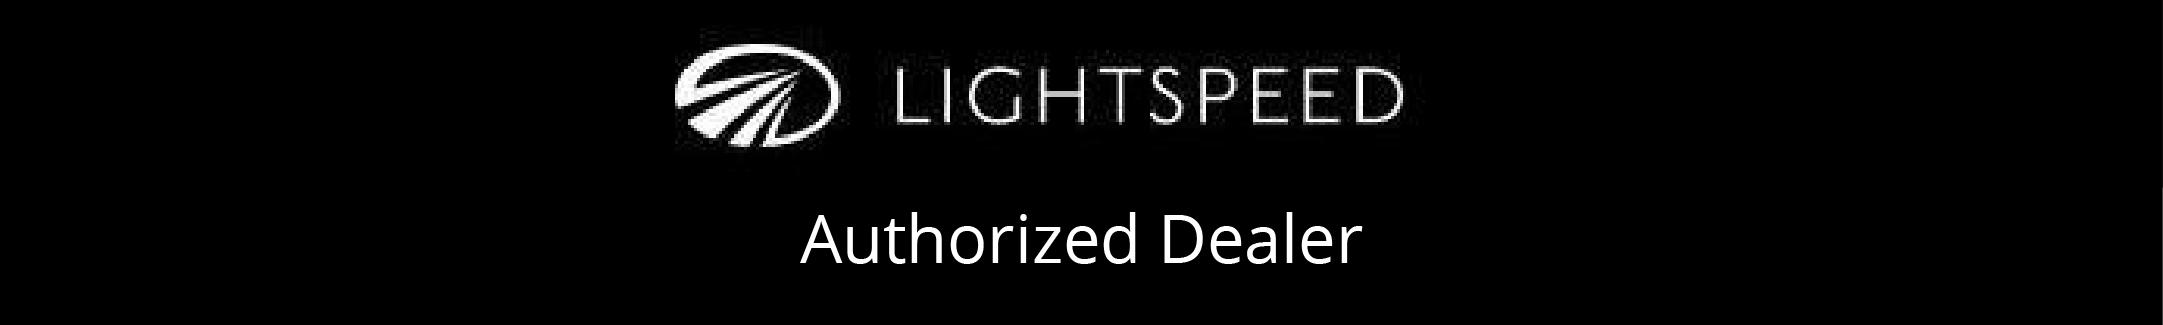 lightspeed-logoad.jpg